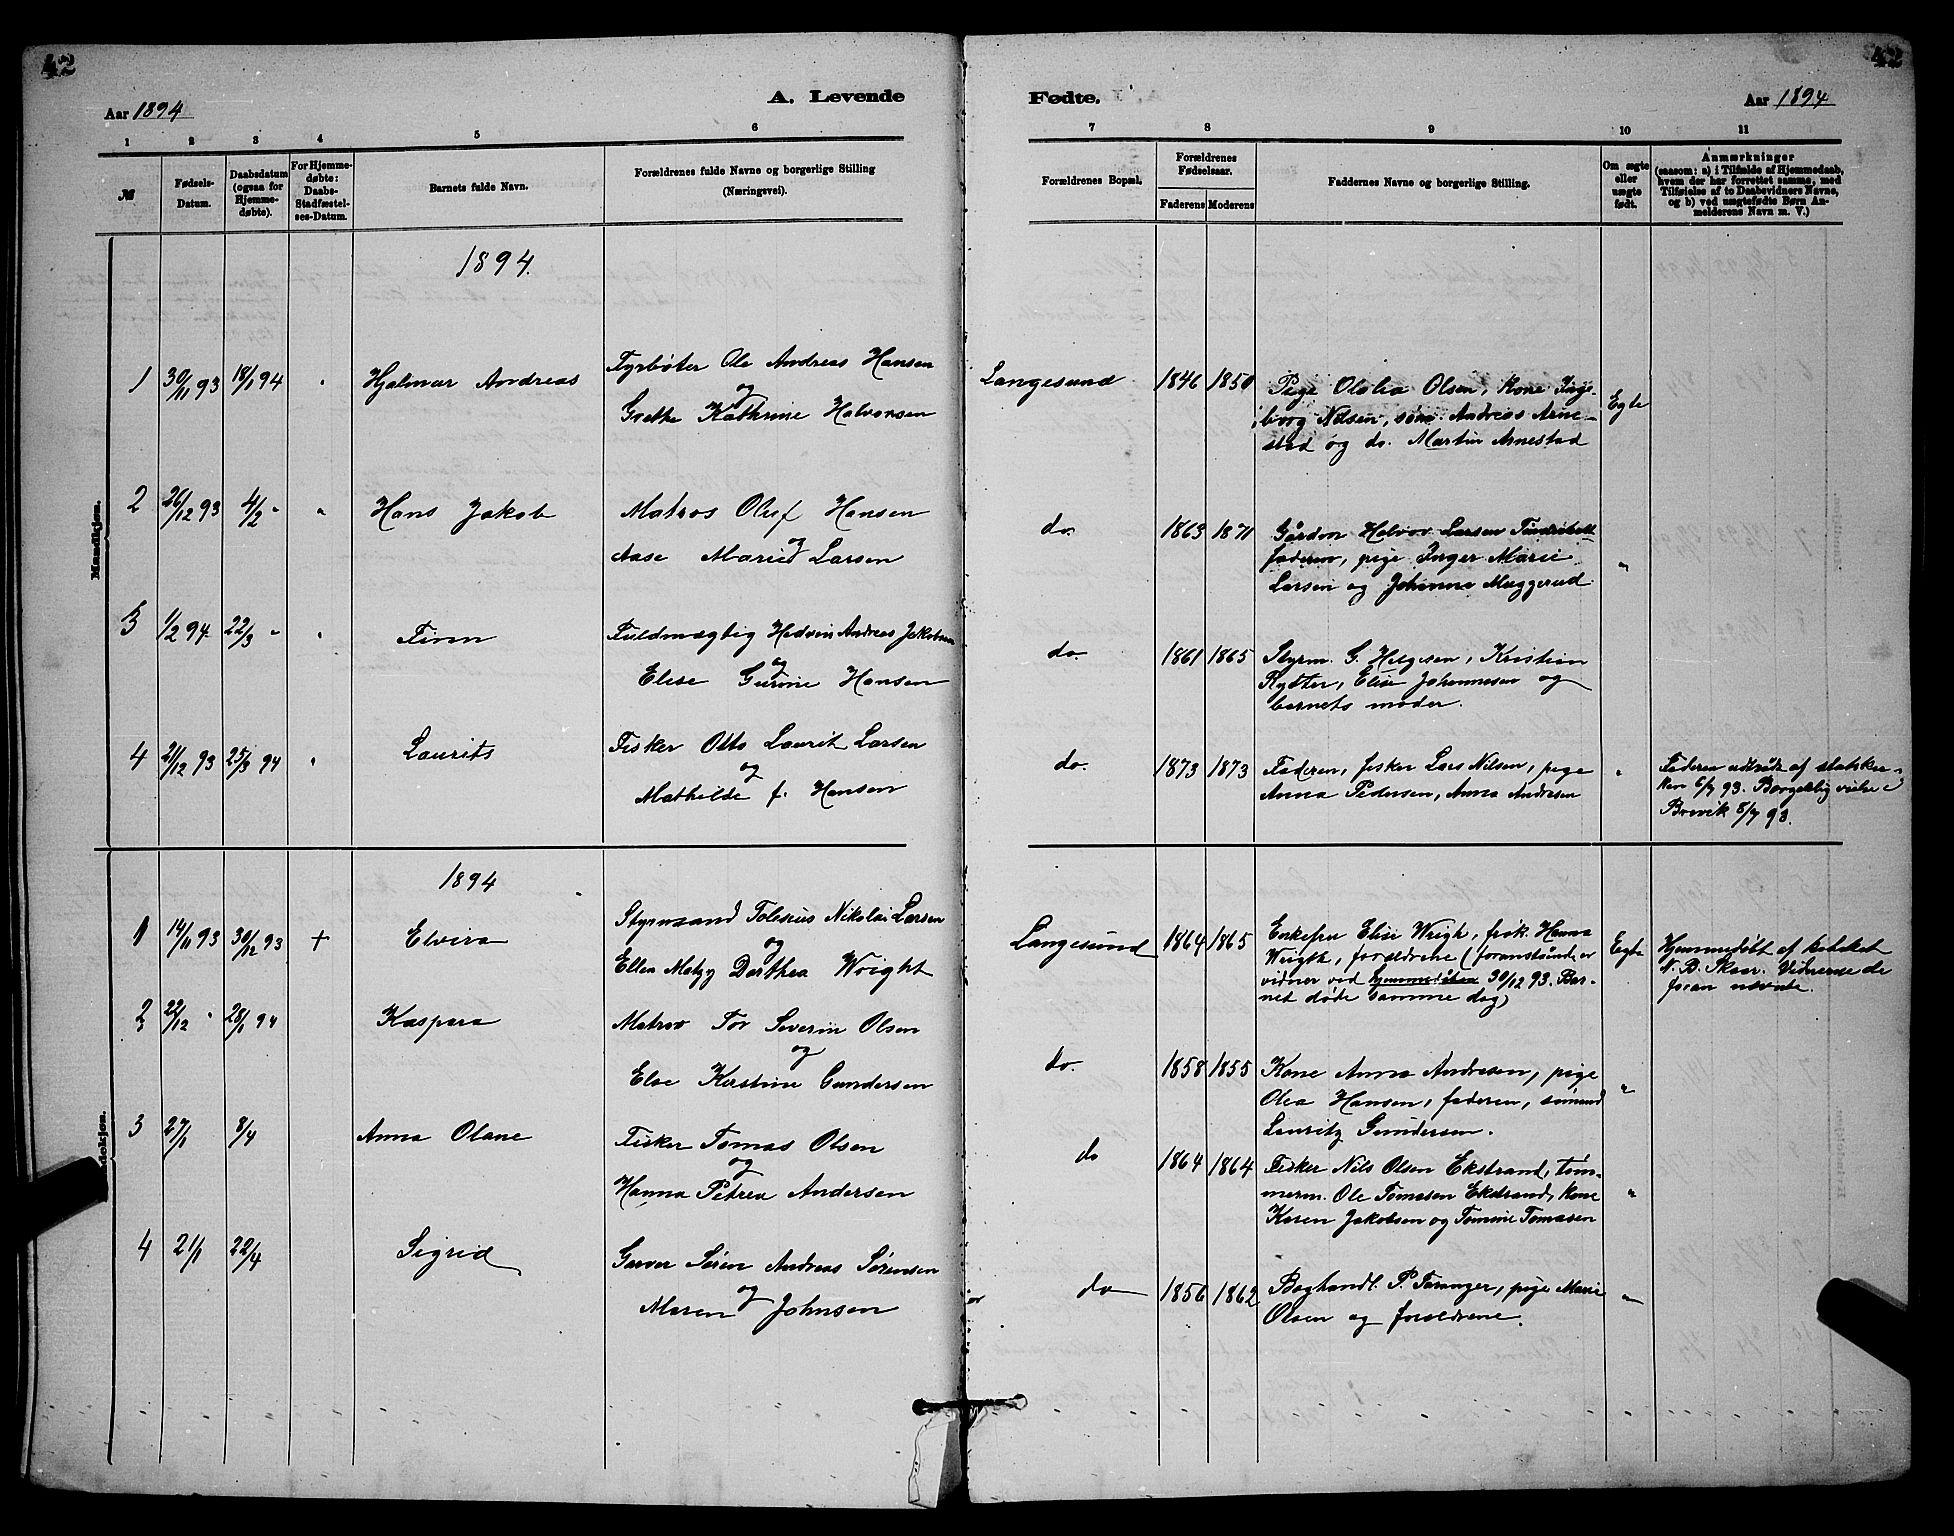 SAKO, Langesund kirkebøker, G/Ga/L0005: Klokkerbok nr. 5, 1884-1898, s. 42